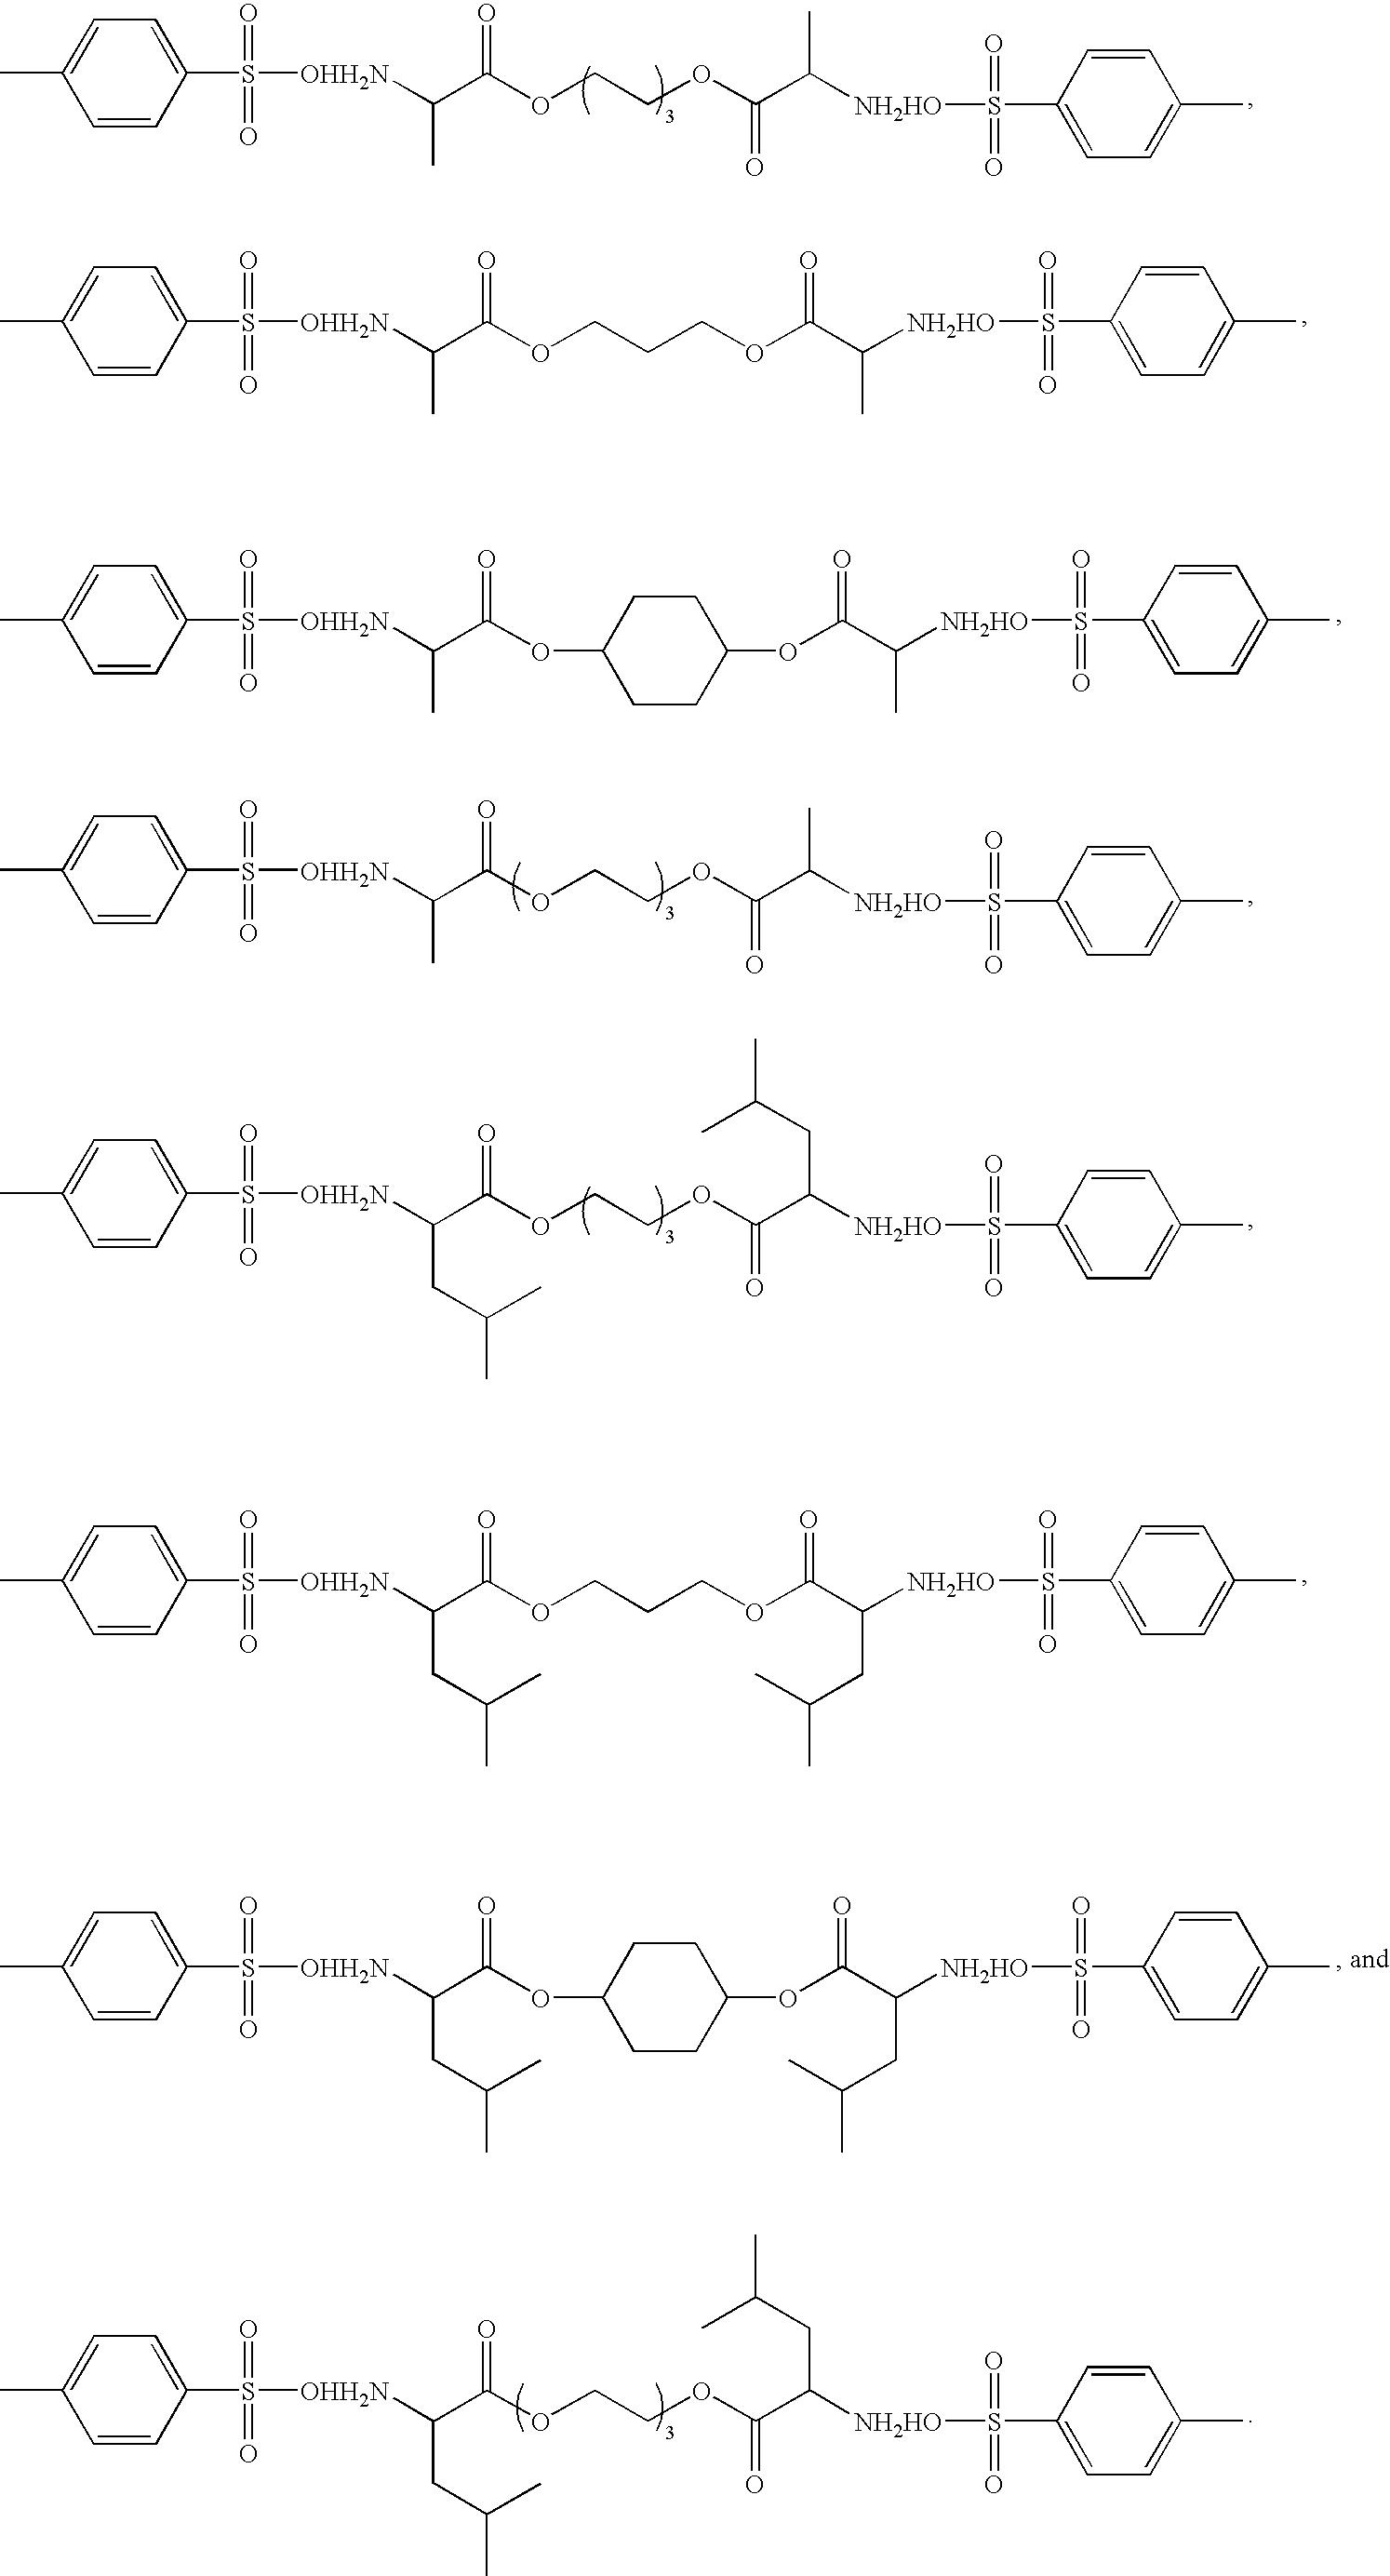 Figure US20090181063A1-20090716-C00032